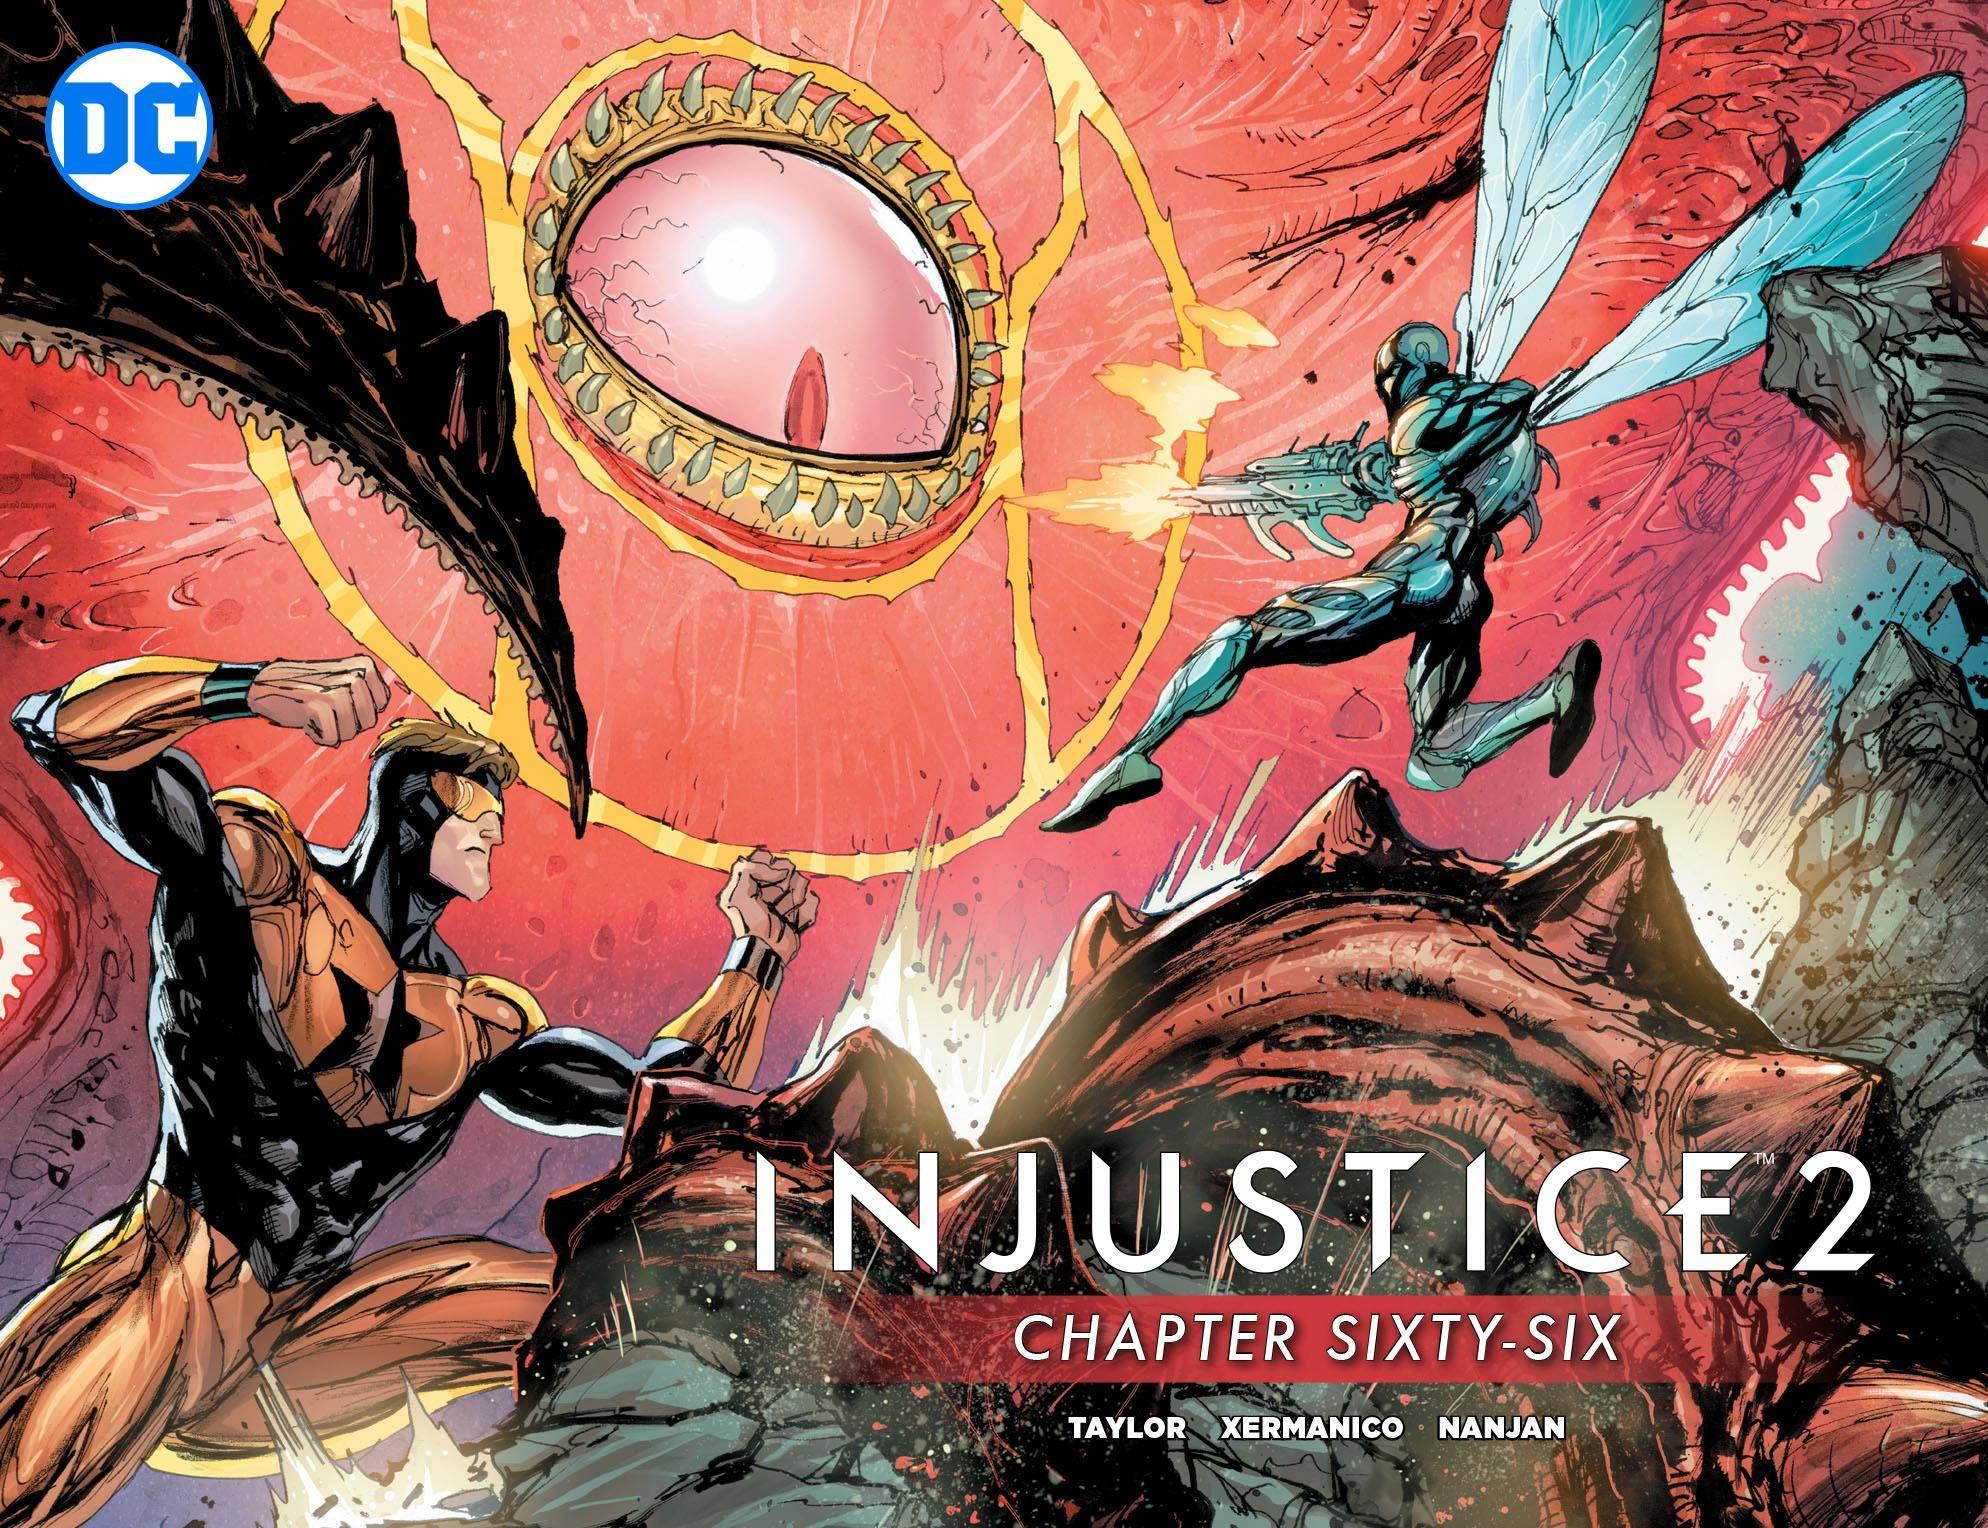 Injustice.2.066.2018.webrip-DCP